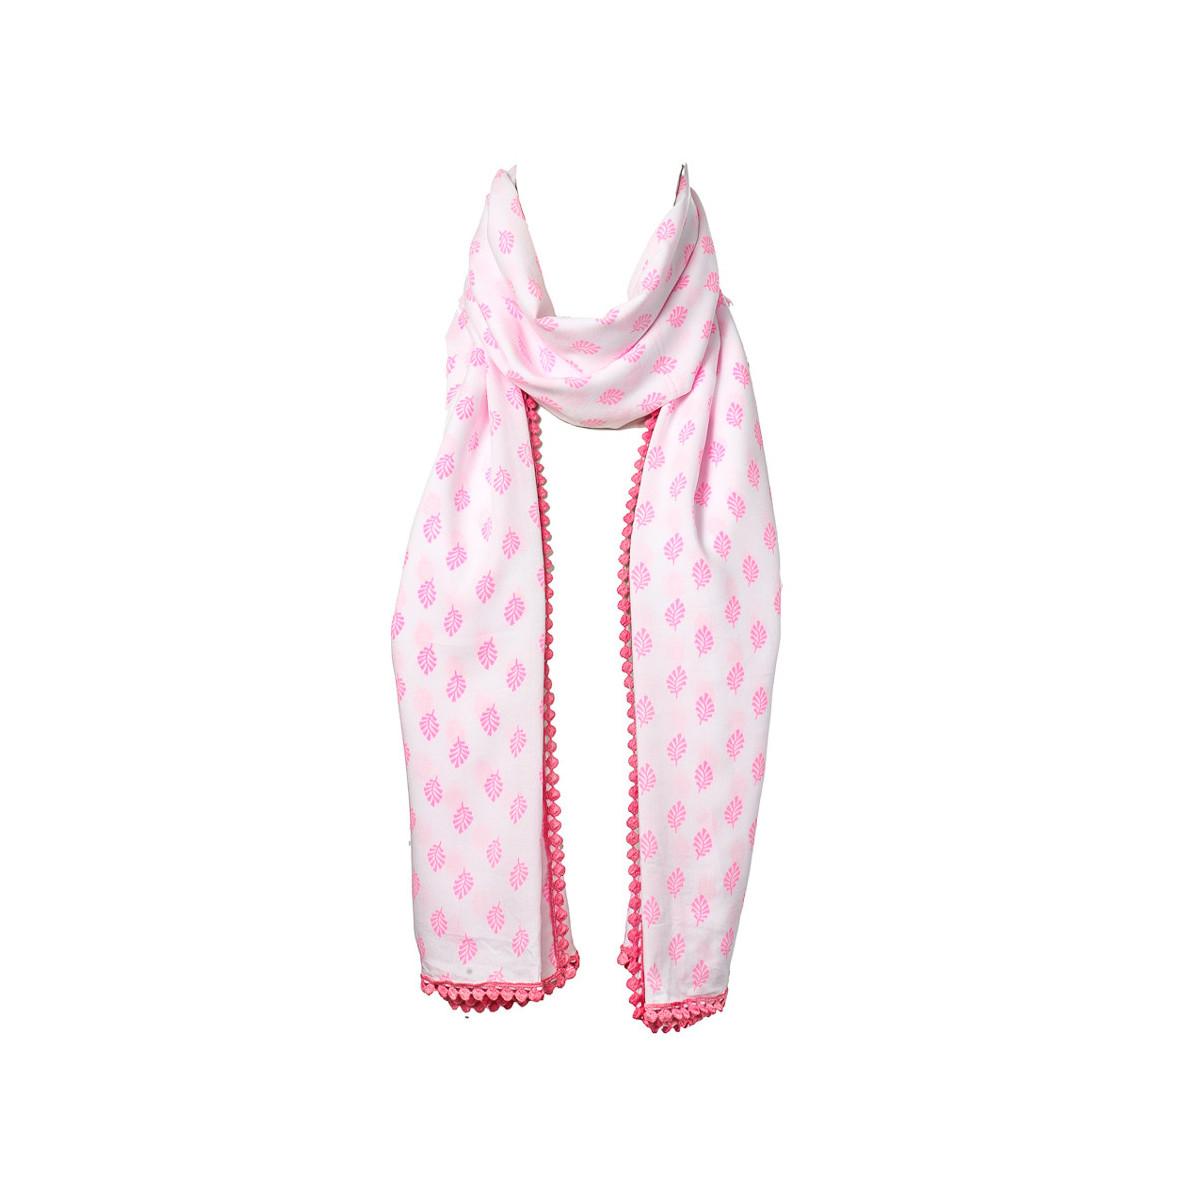 Chèche foulard femme coton blanc et feuilles roses